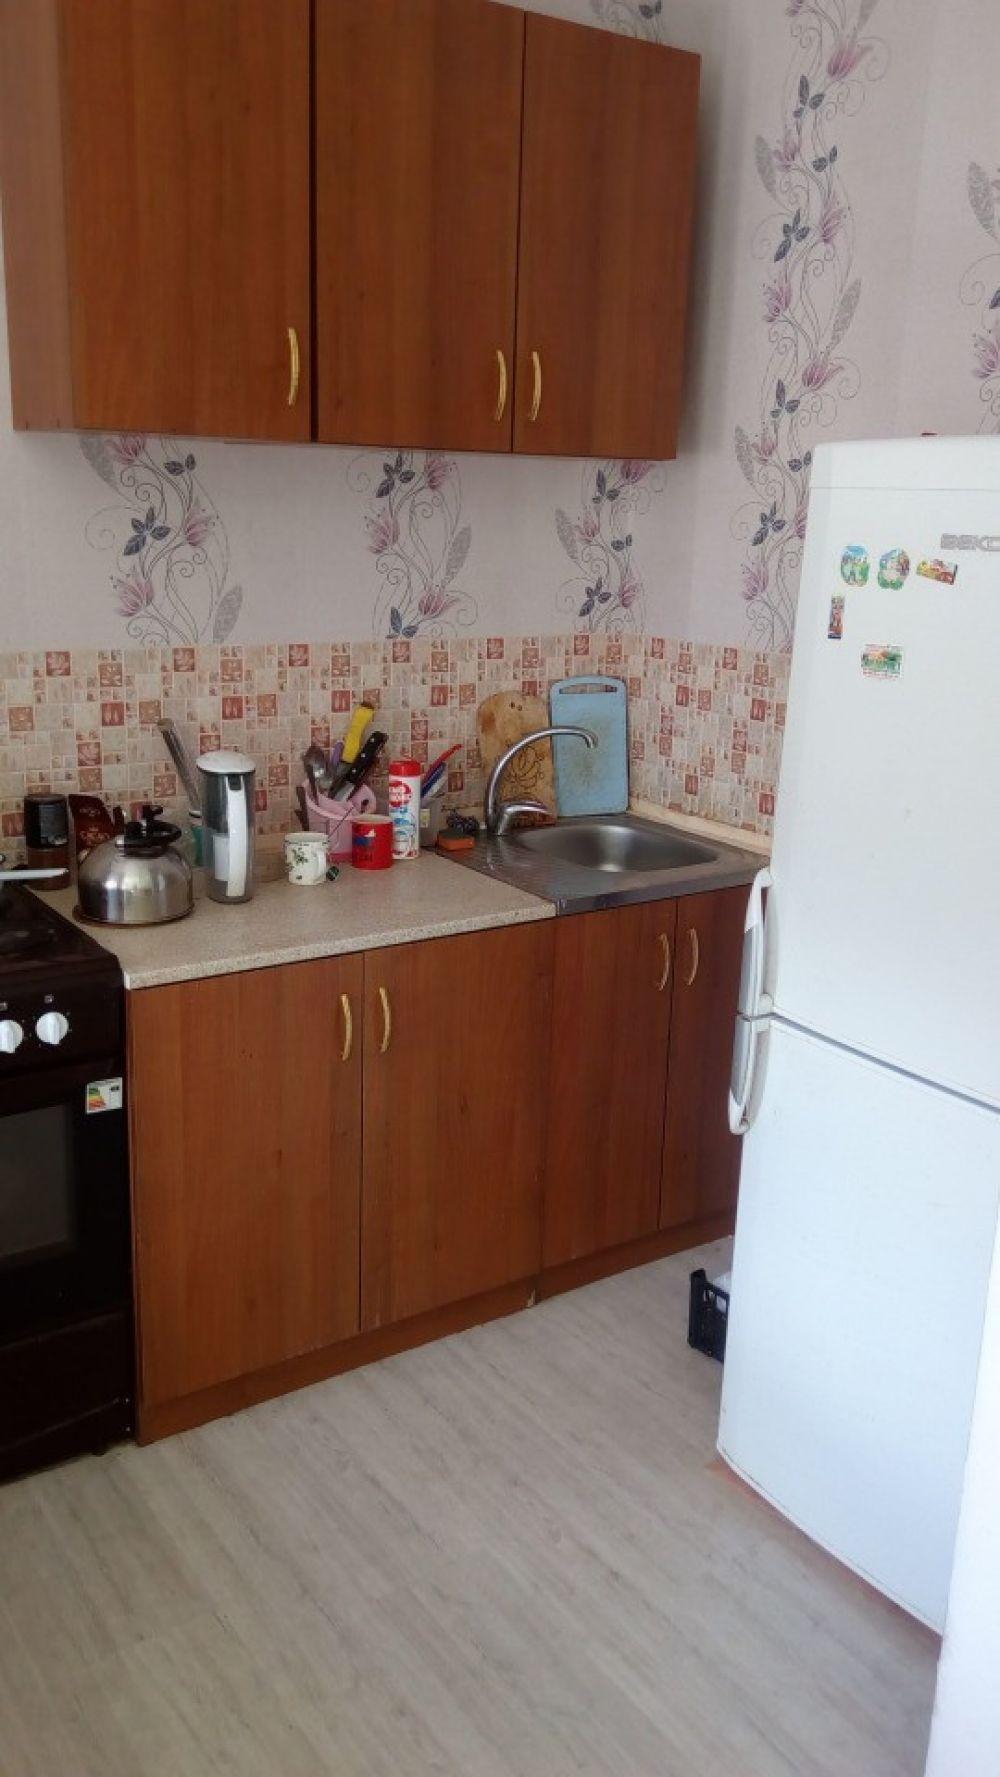 1-комнатная квартира студия п.Свердловский ЖК Лукино-Варино ул.Строителей д.20, фото 2